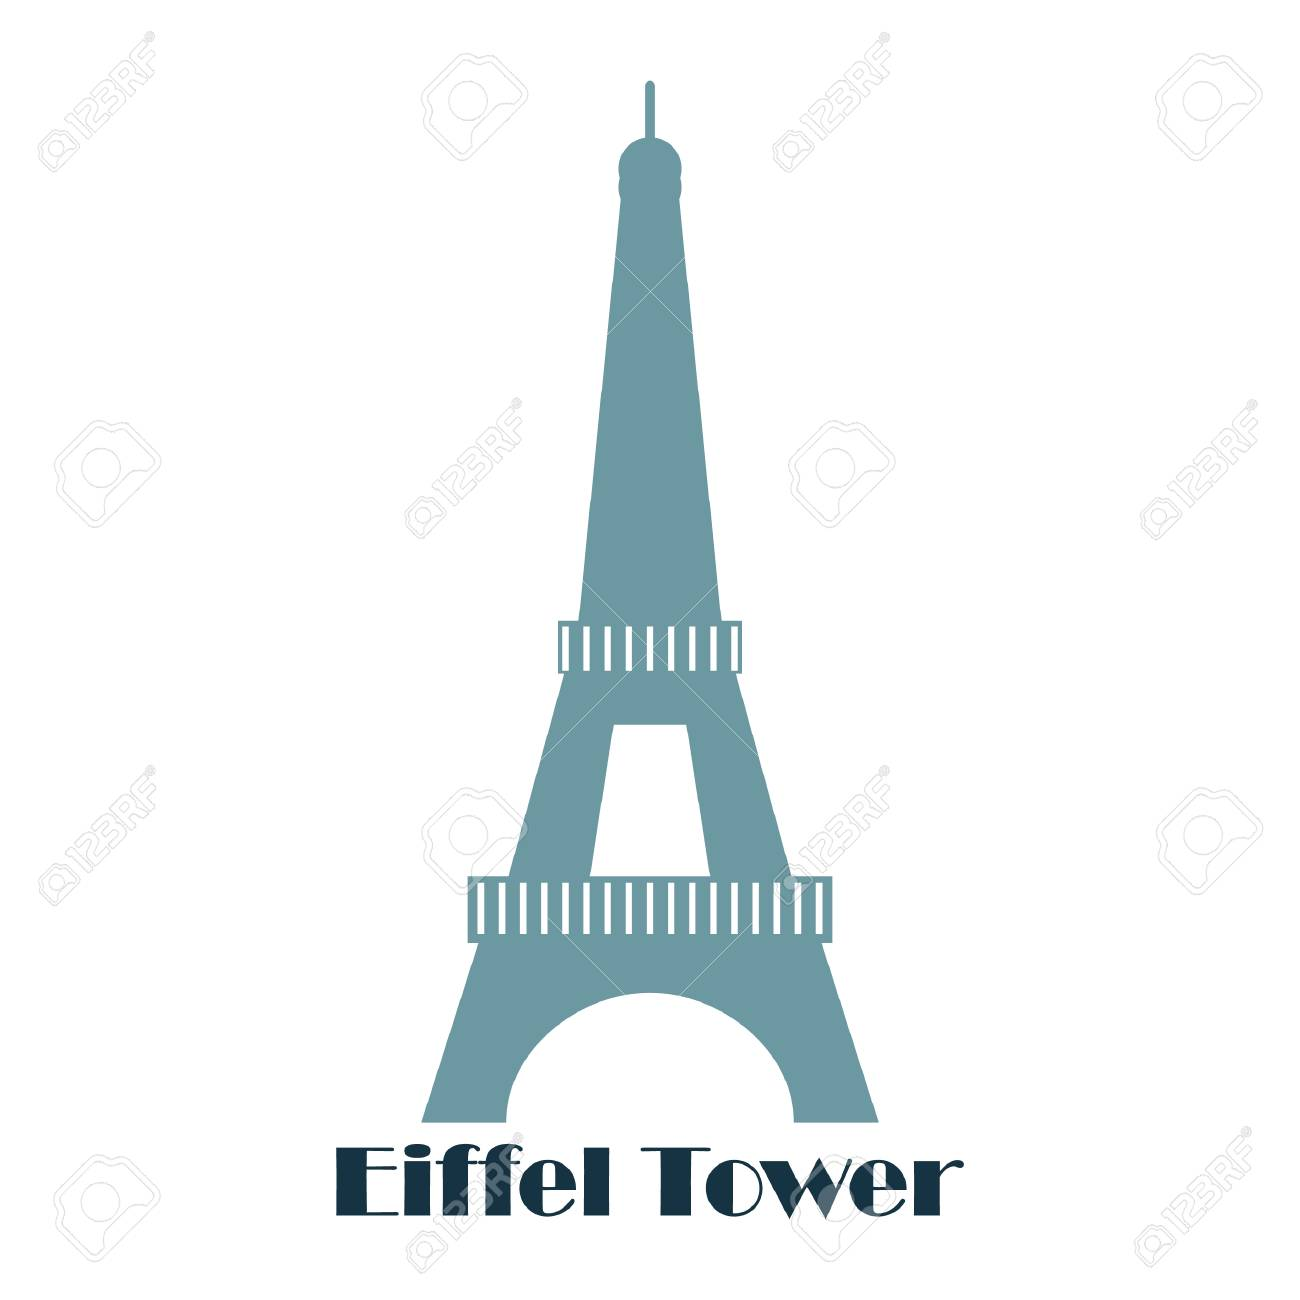 eiffel tower - 106669235